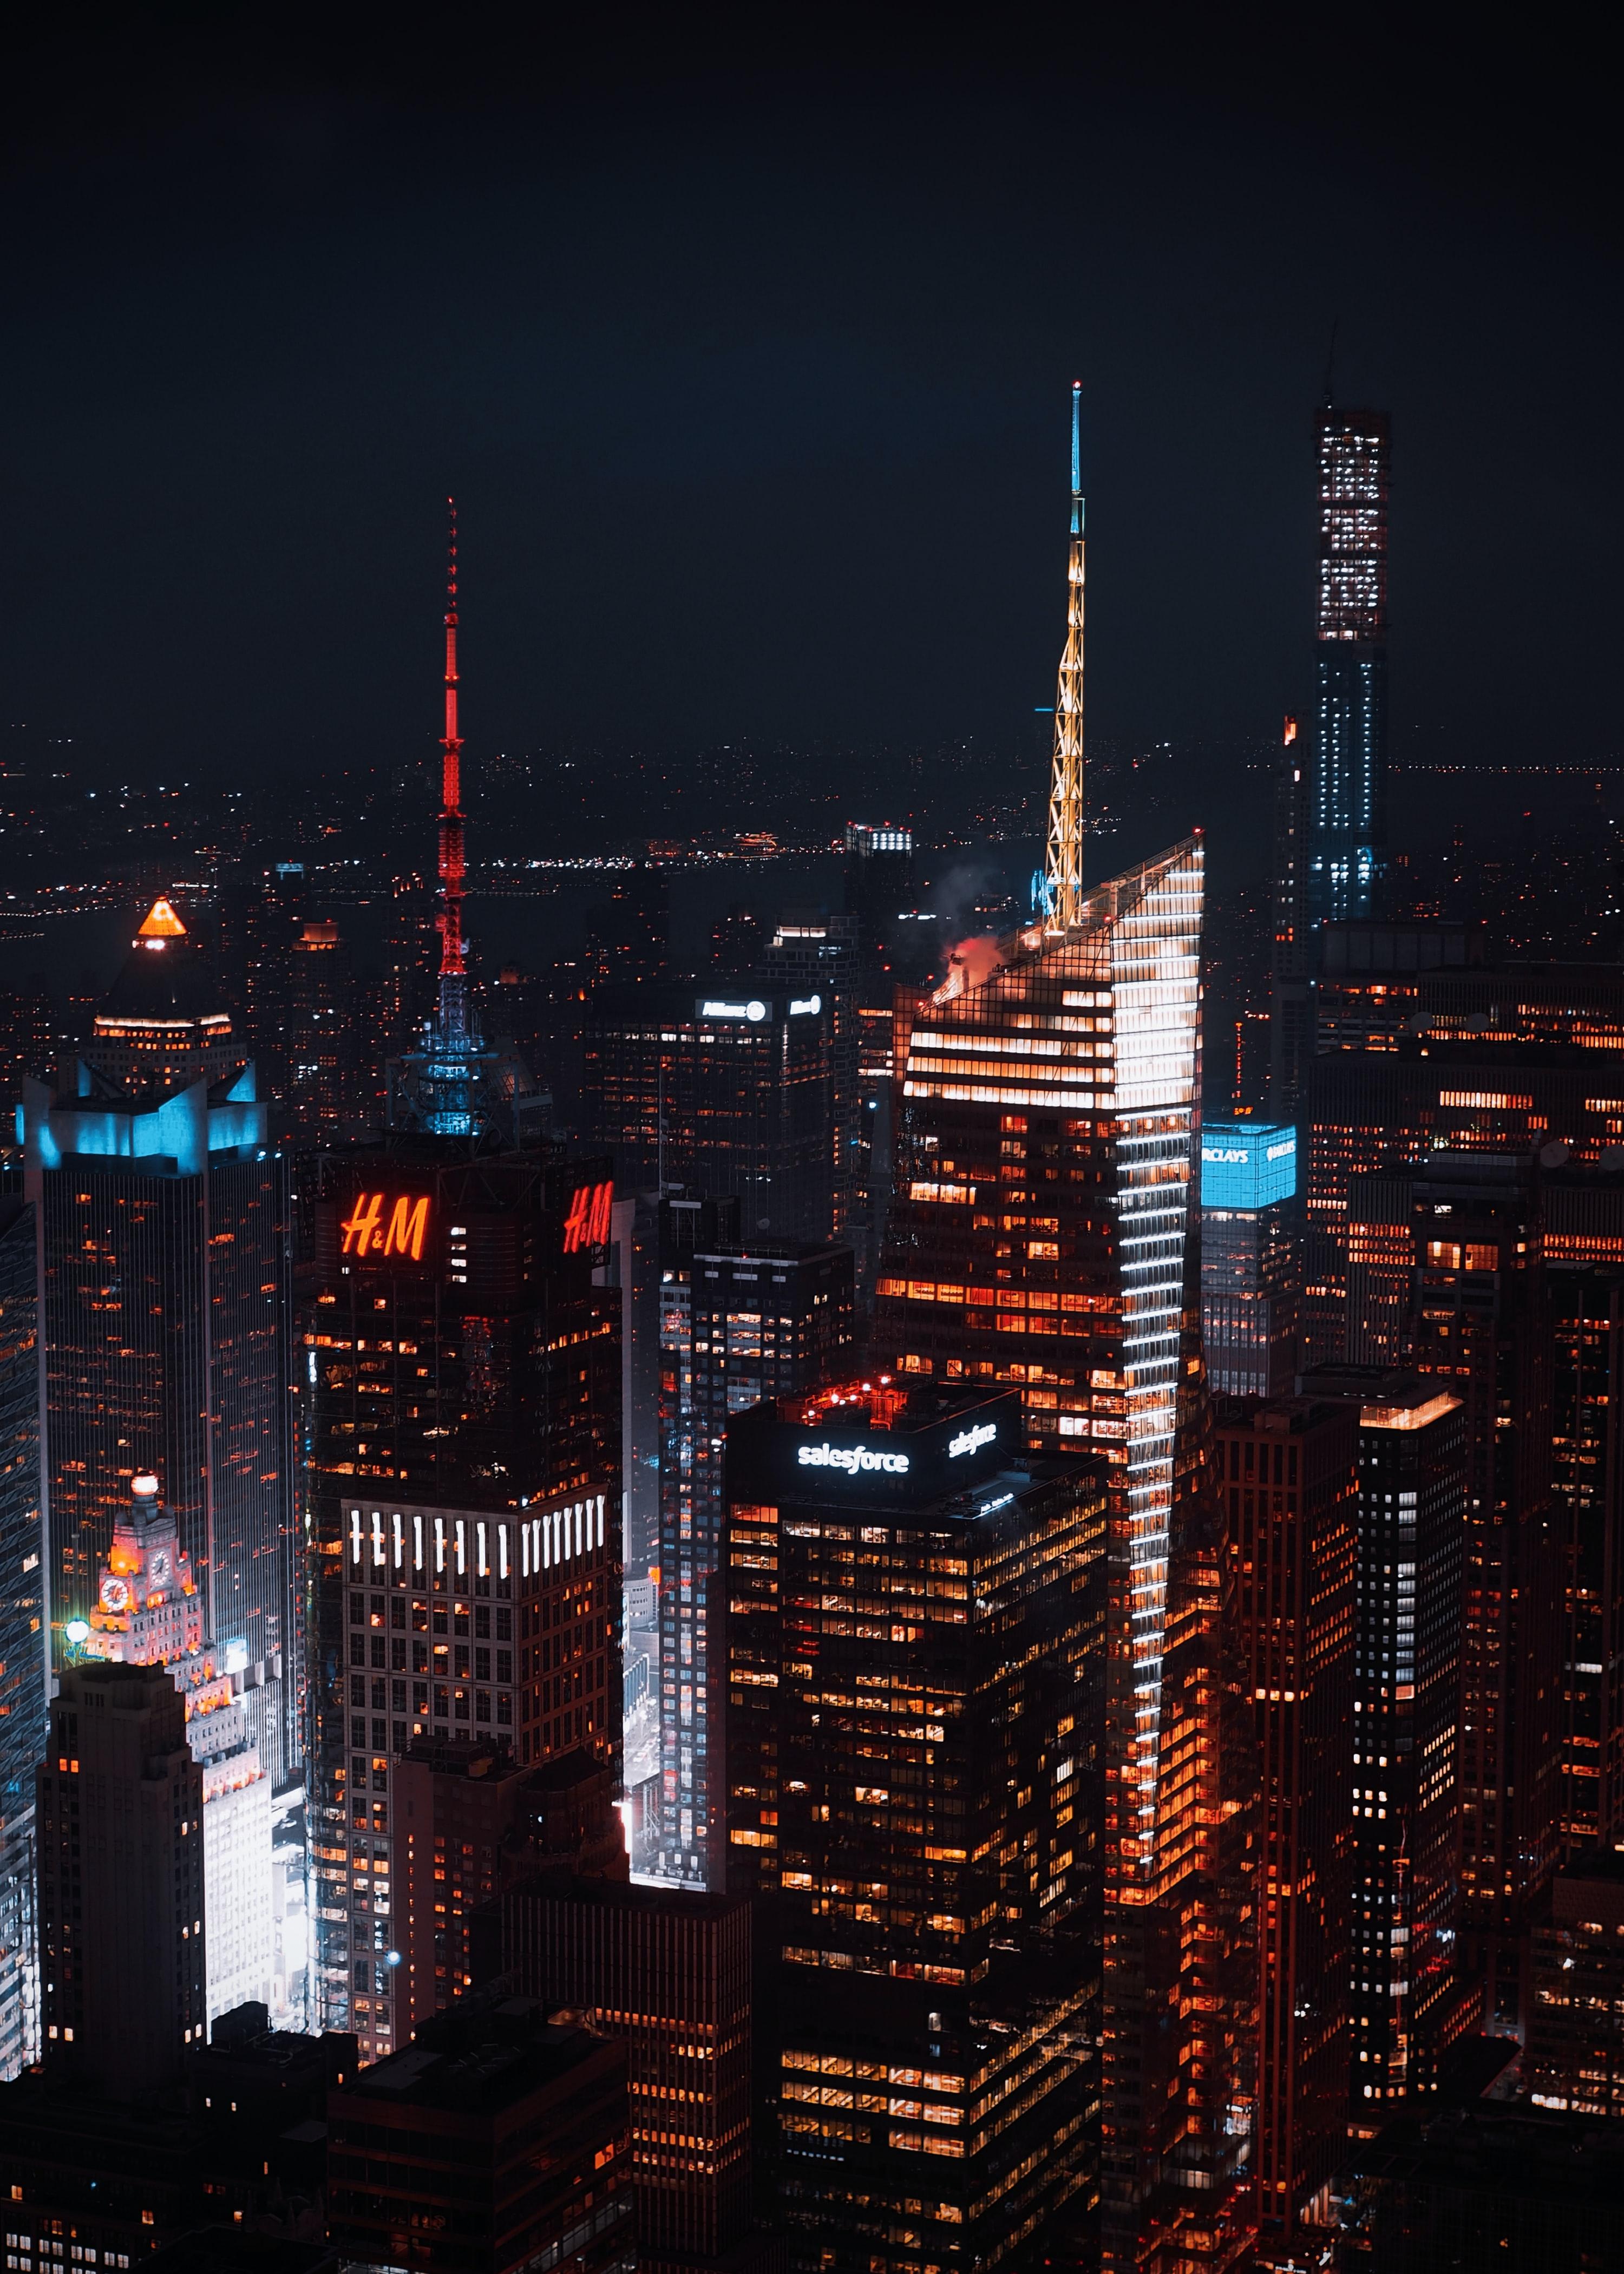 154470 скачать обои Здания, Небоскребы, Вид Сверху, Город, Ночь, Архитектура, Города - заставки и картинки бесплатно